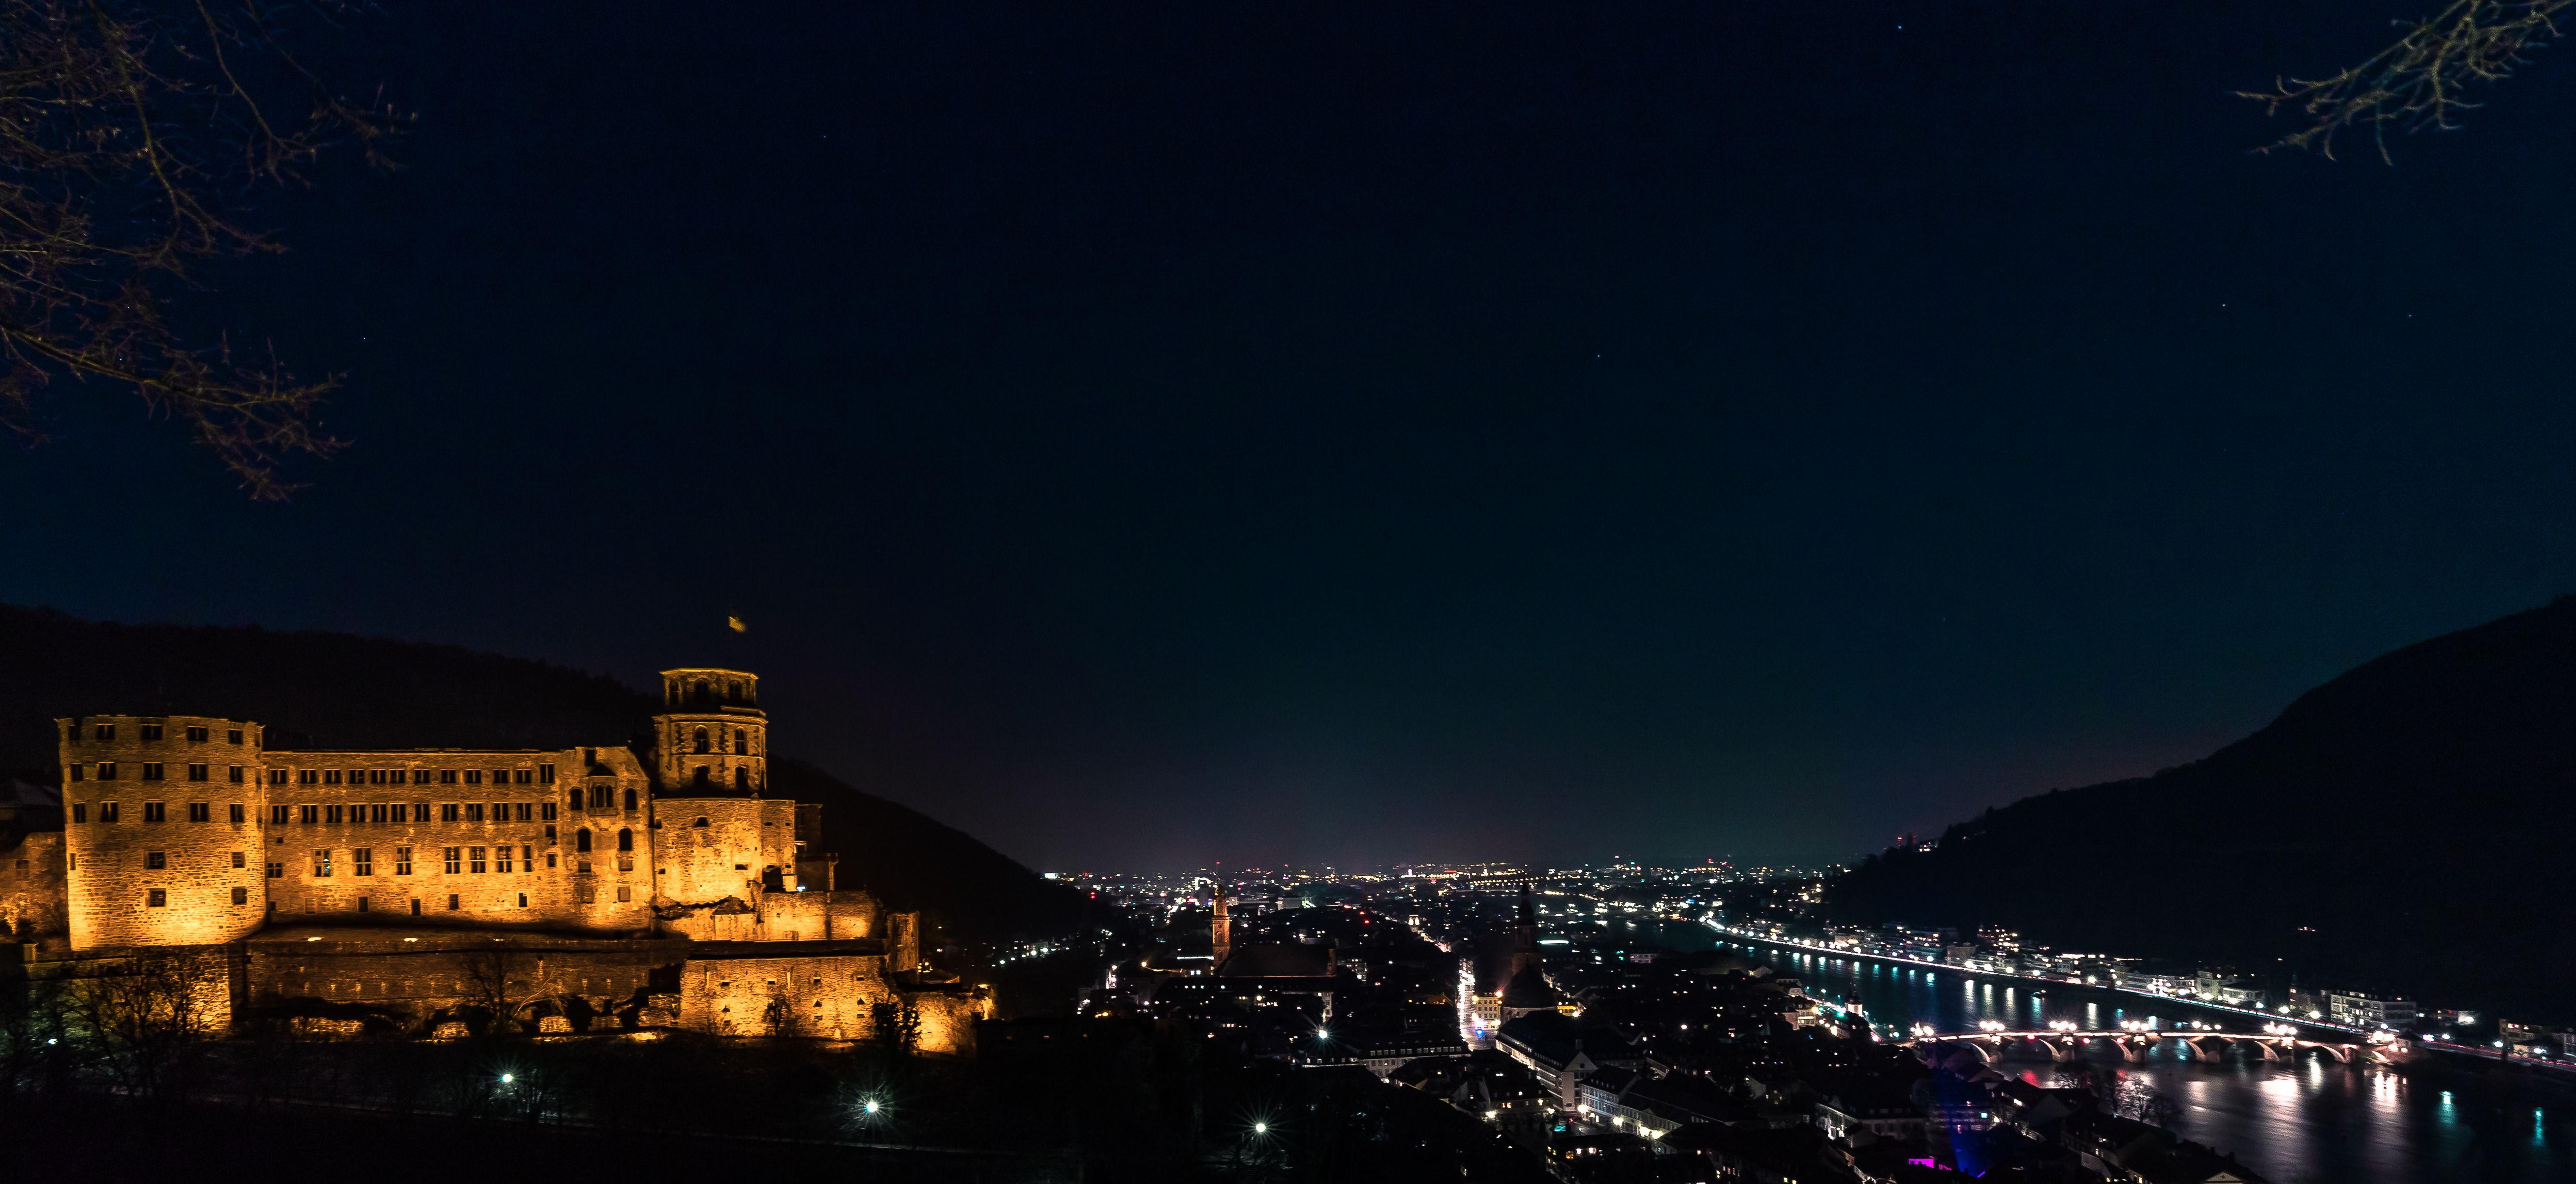 Fotografen Heidelberg heidelberg bei nacht mit dem weltbekannten schloss im vordergrund